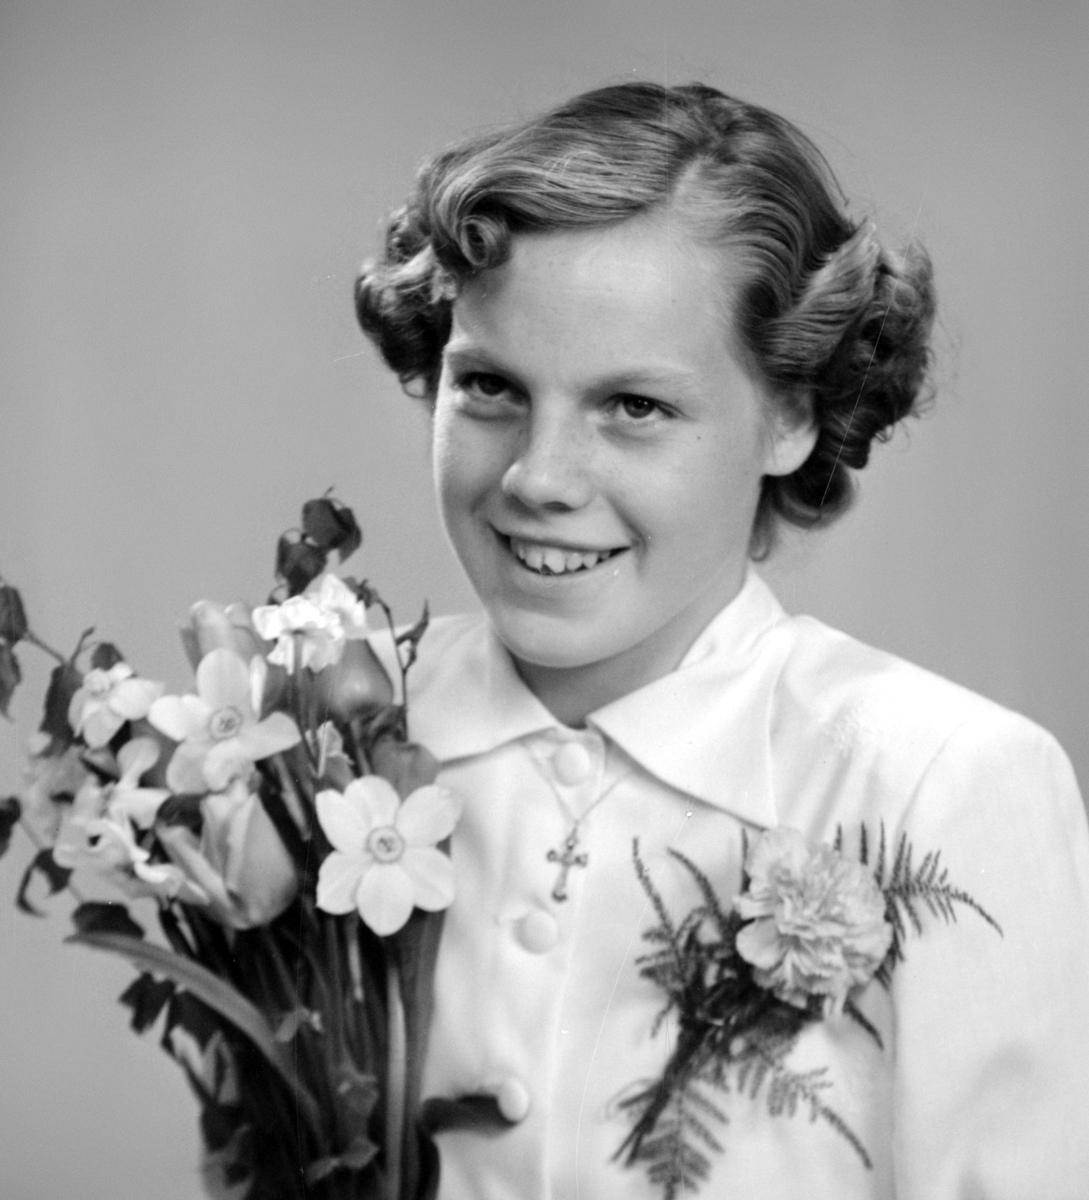 Konfirmanden Birgit Eriksson (?). Foto i maj 1950.